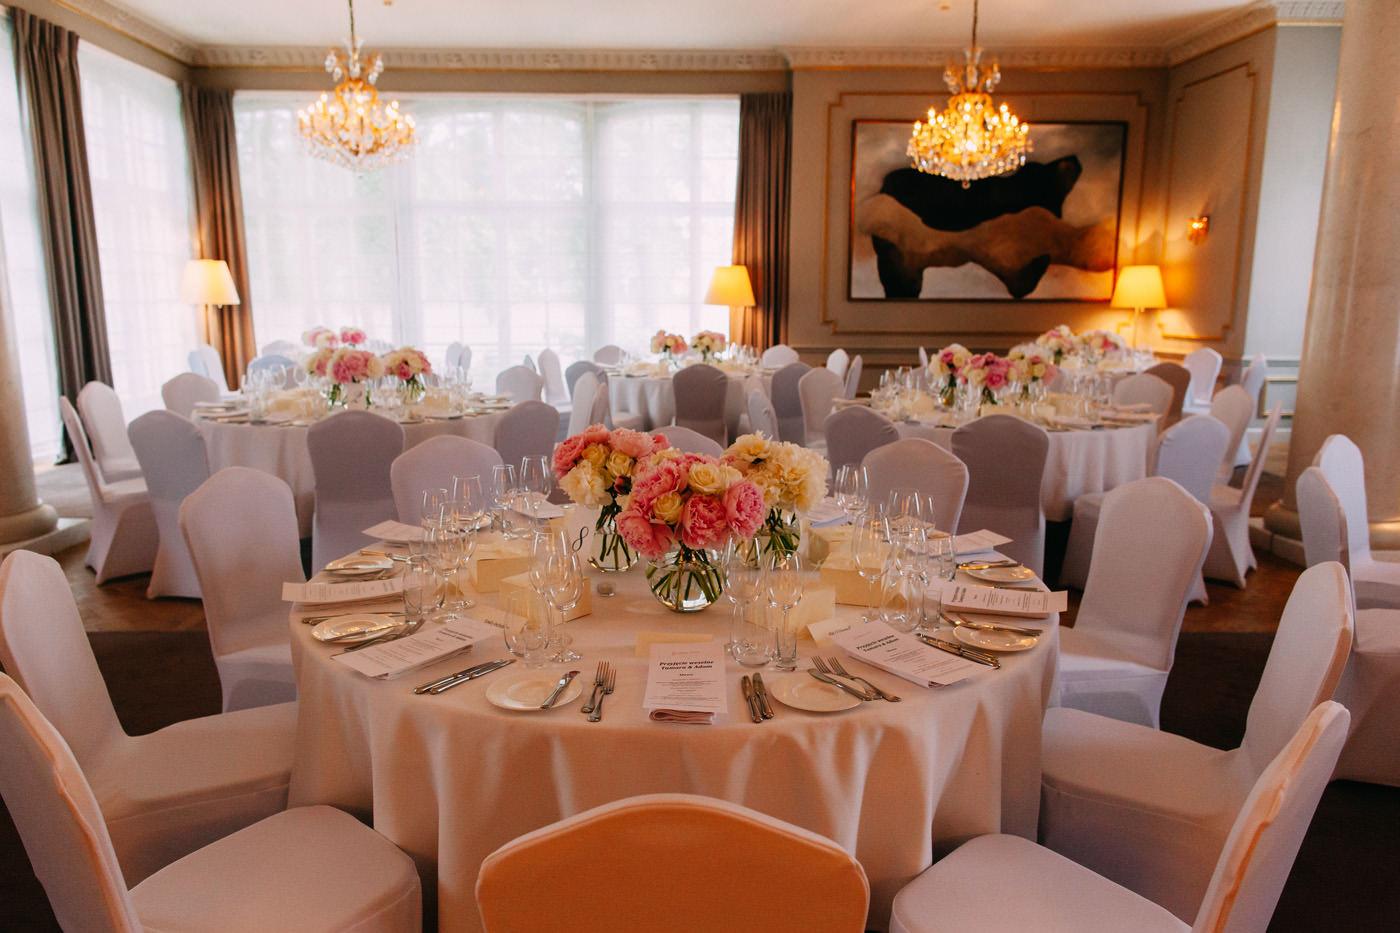 piekne wnetrze restauracji- wesele amber room warszawa- luke sezeck